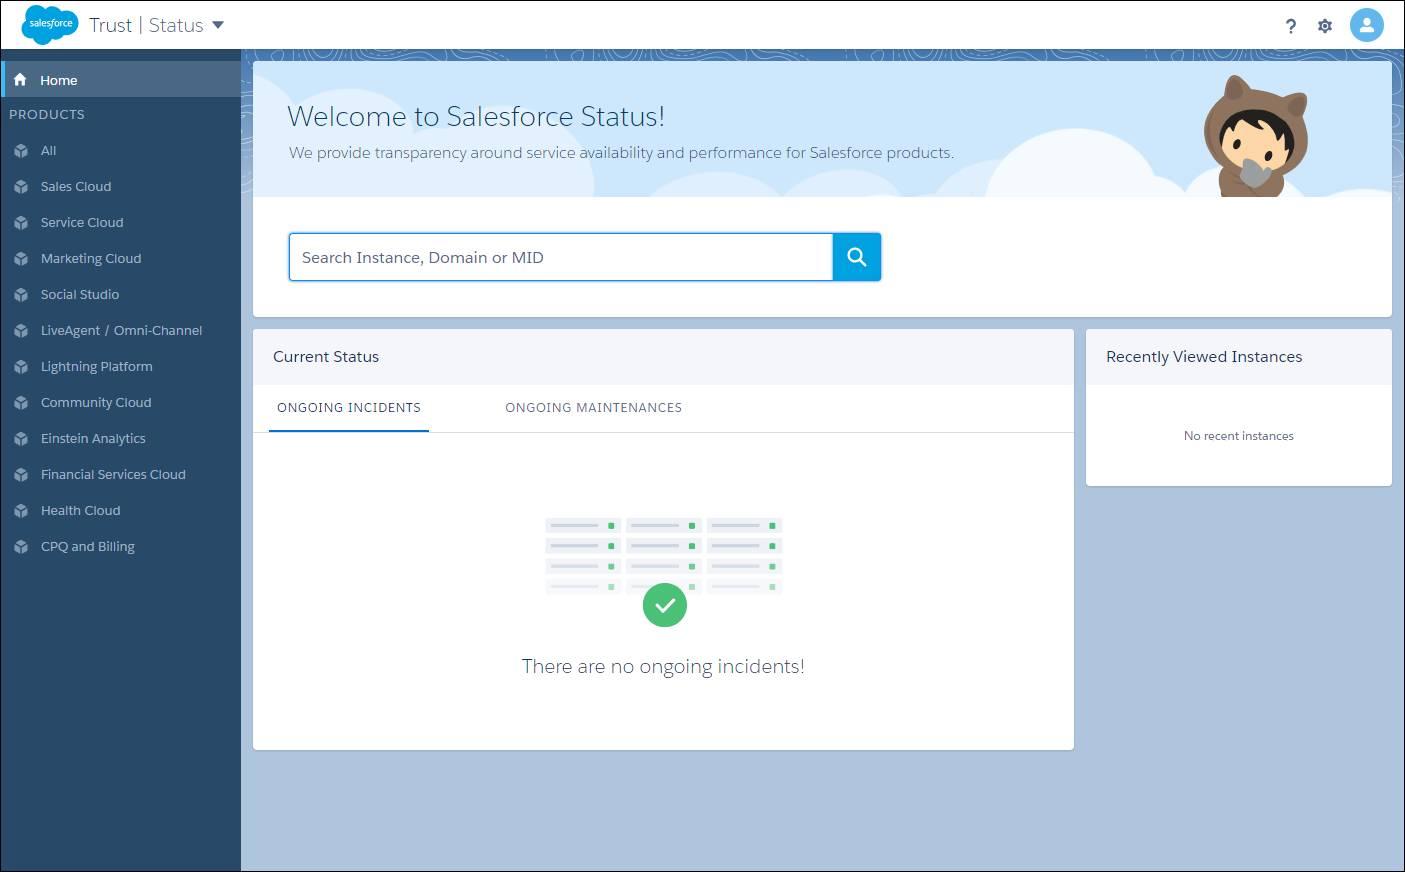 La página Estado del sitio Salesforce Trust.